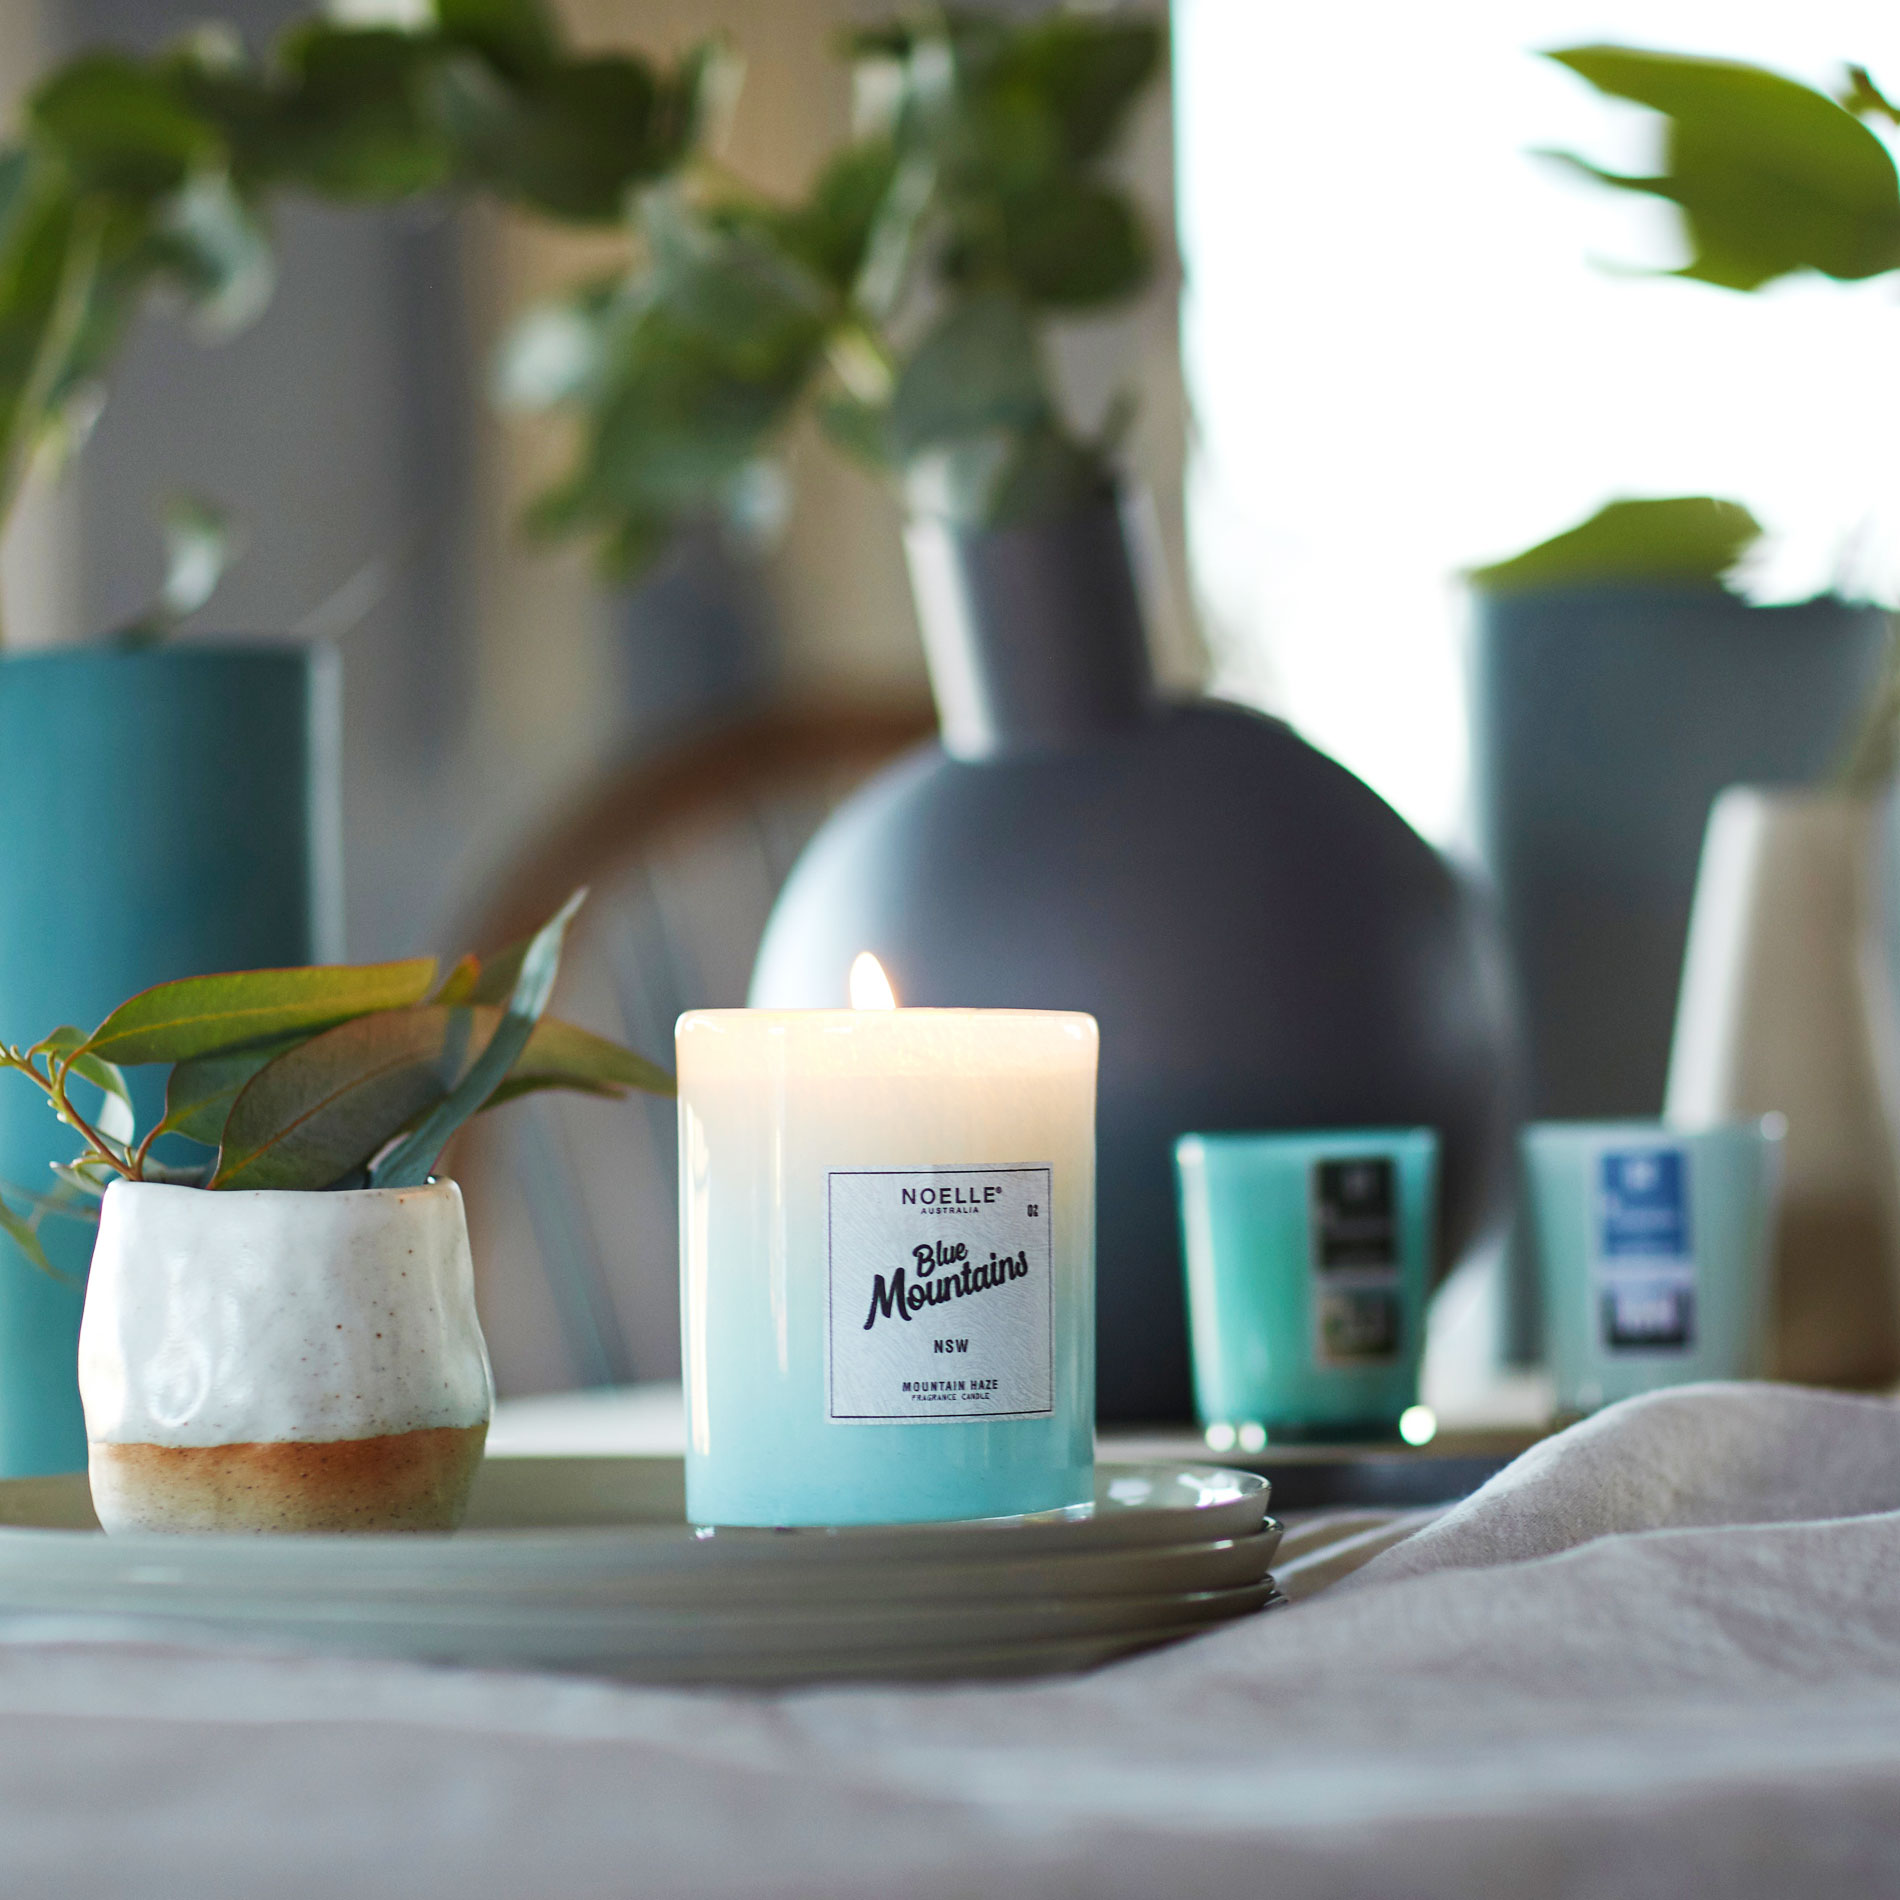 Wellness Produkte für mehr Zen in den eigenen vier Wänden, Self Care, Meditation, Home und Interior, Einrichtung, Aroma Diffuser, ätherische Öle, Duft für mehr Energie, Kristalle, bewusst leben